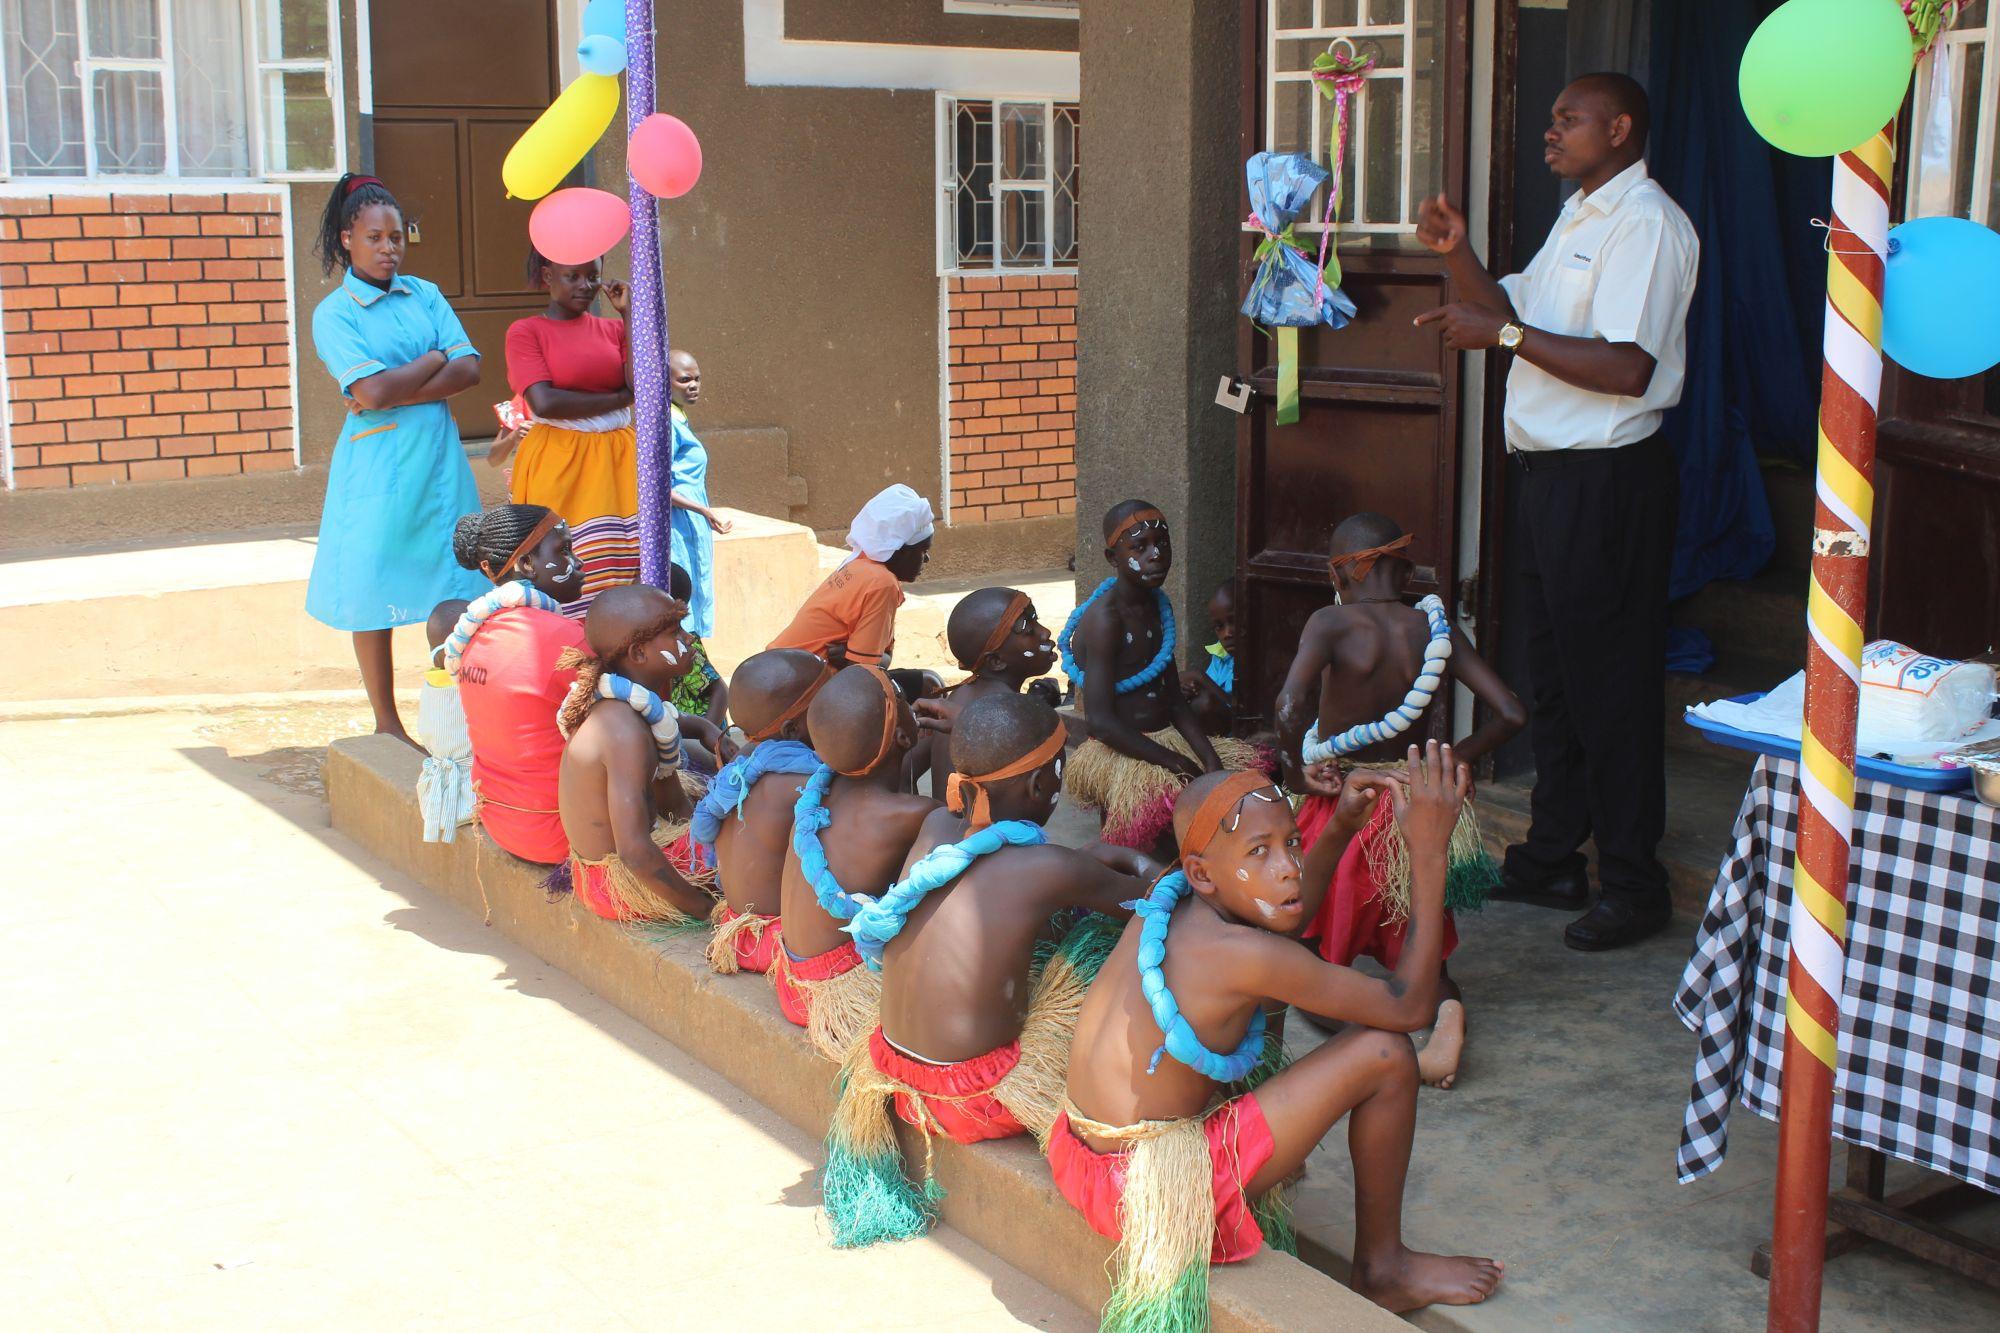 Draußen warten die Kids auf ihren Einsatz und selbstverständlich dolmetscht ein Lehrer das in der Halle Gesprochene